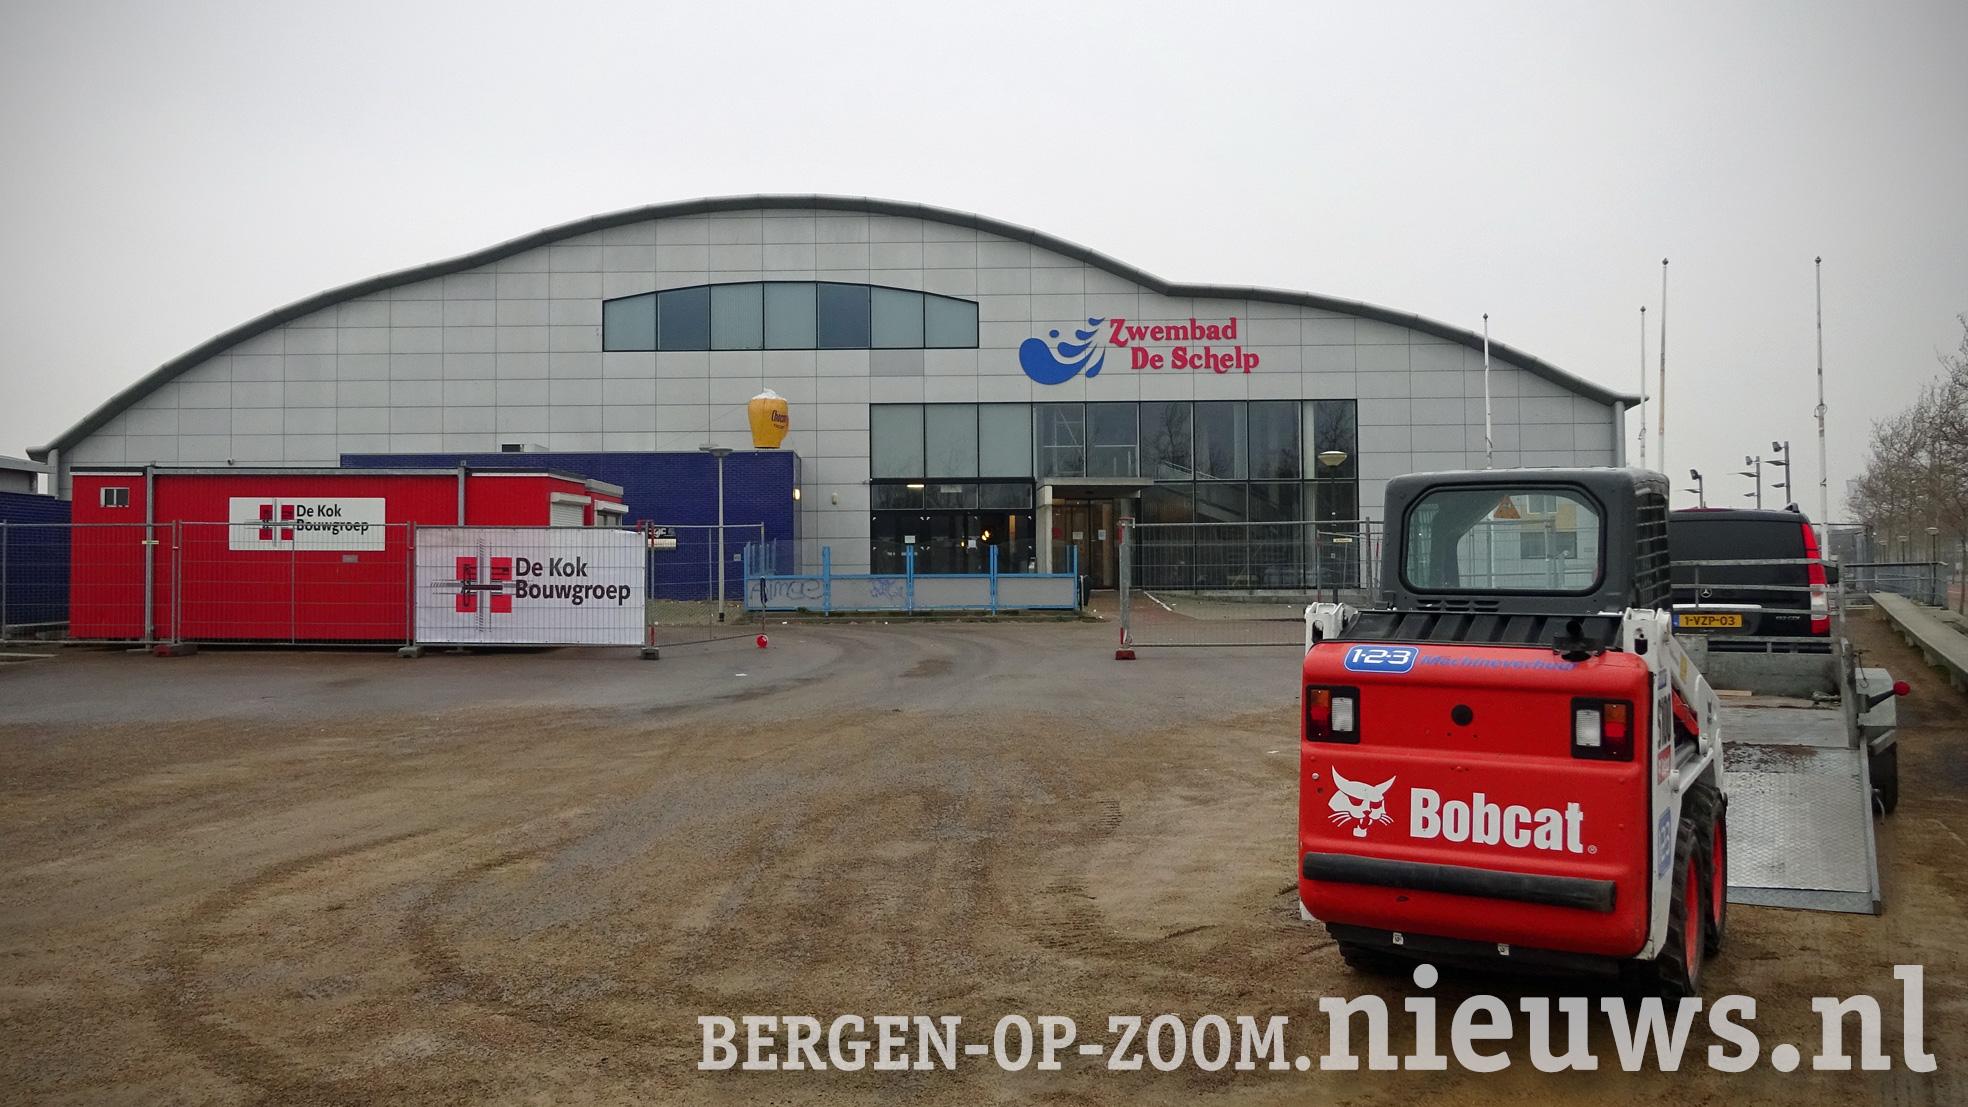 Zwembad De Schelp in Bergen op Zoom is dicht wegens verbouwing (foto januari 2019)